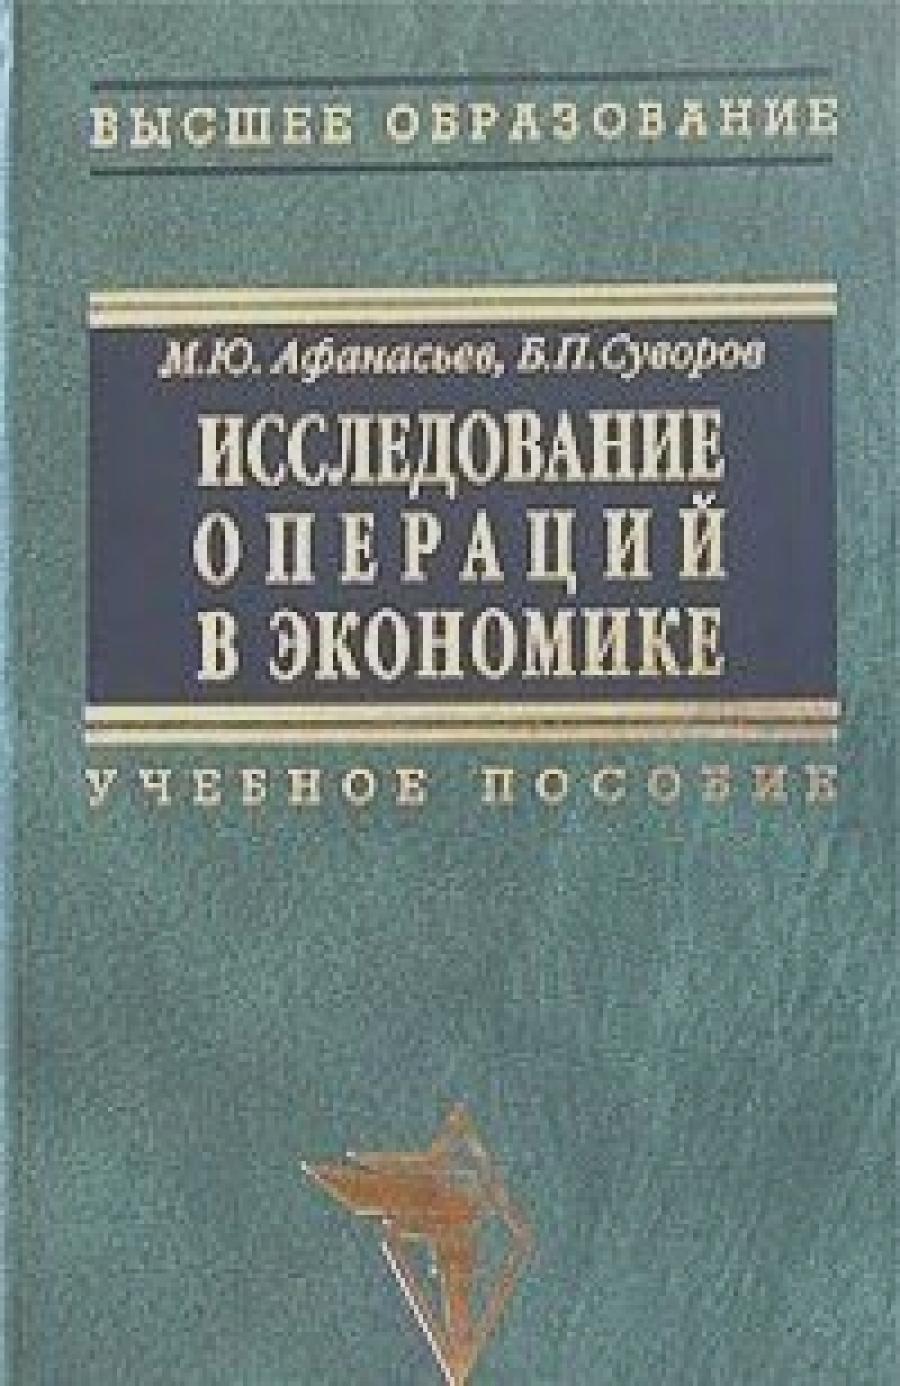 Обложка книги:  афанасьев м.ю., суворов б.п. - исследование операций в экономике модели, задачи, решения